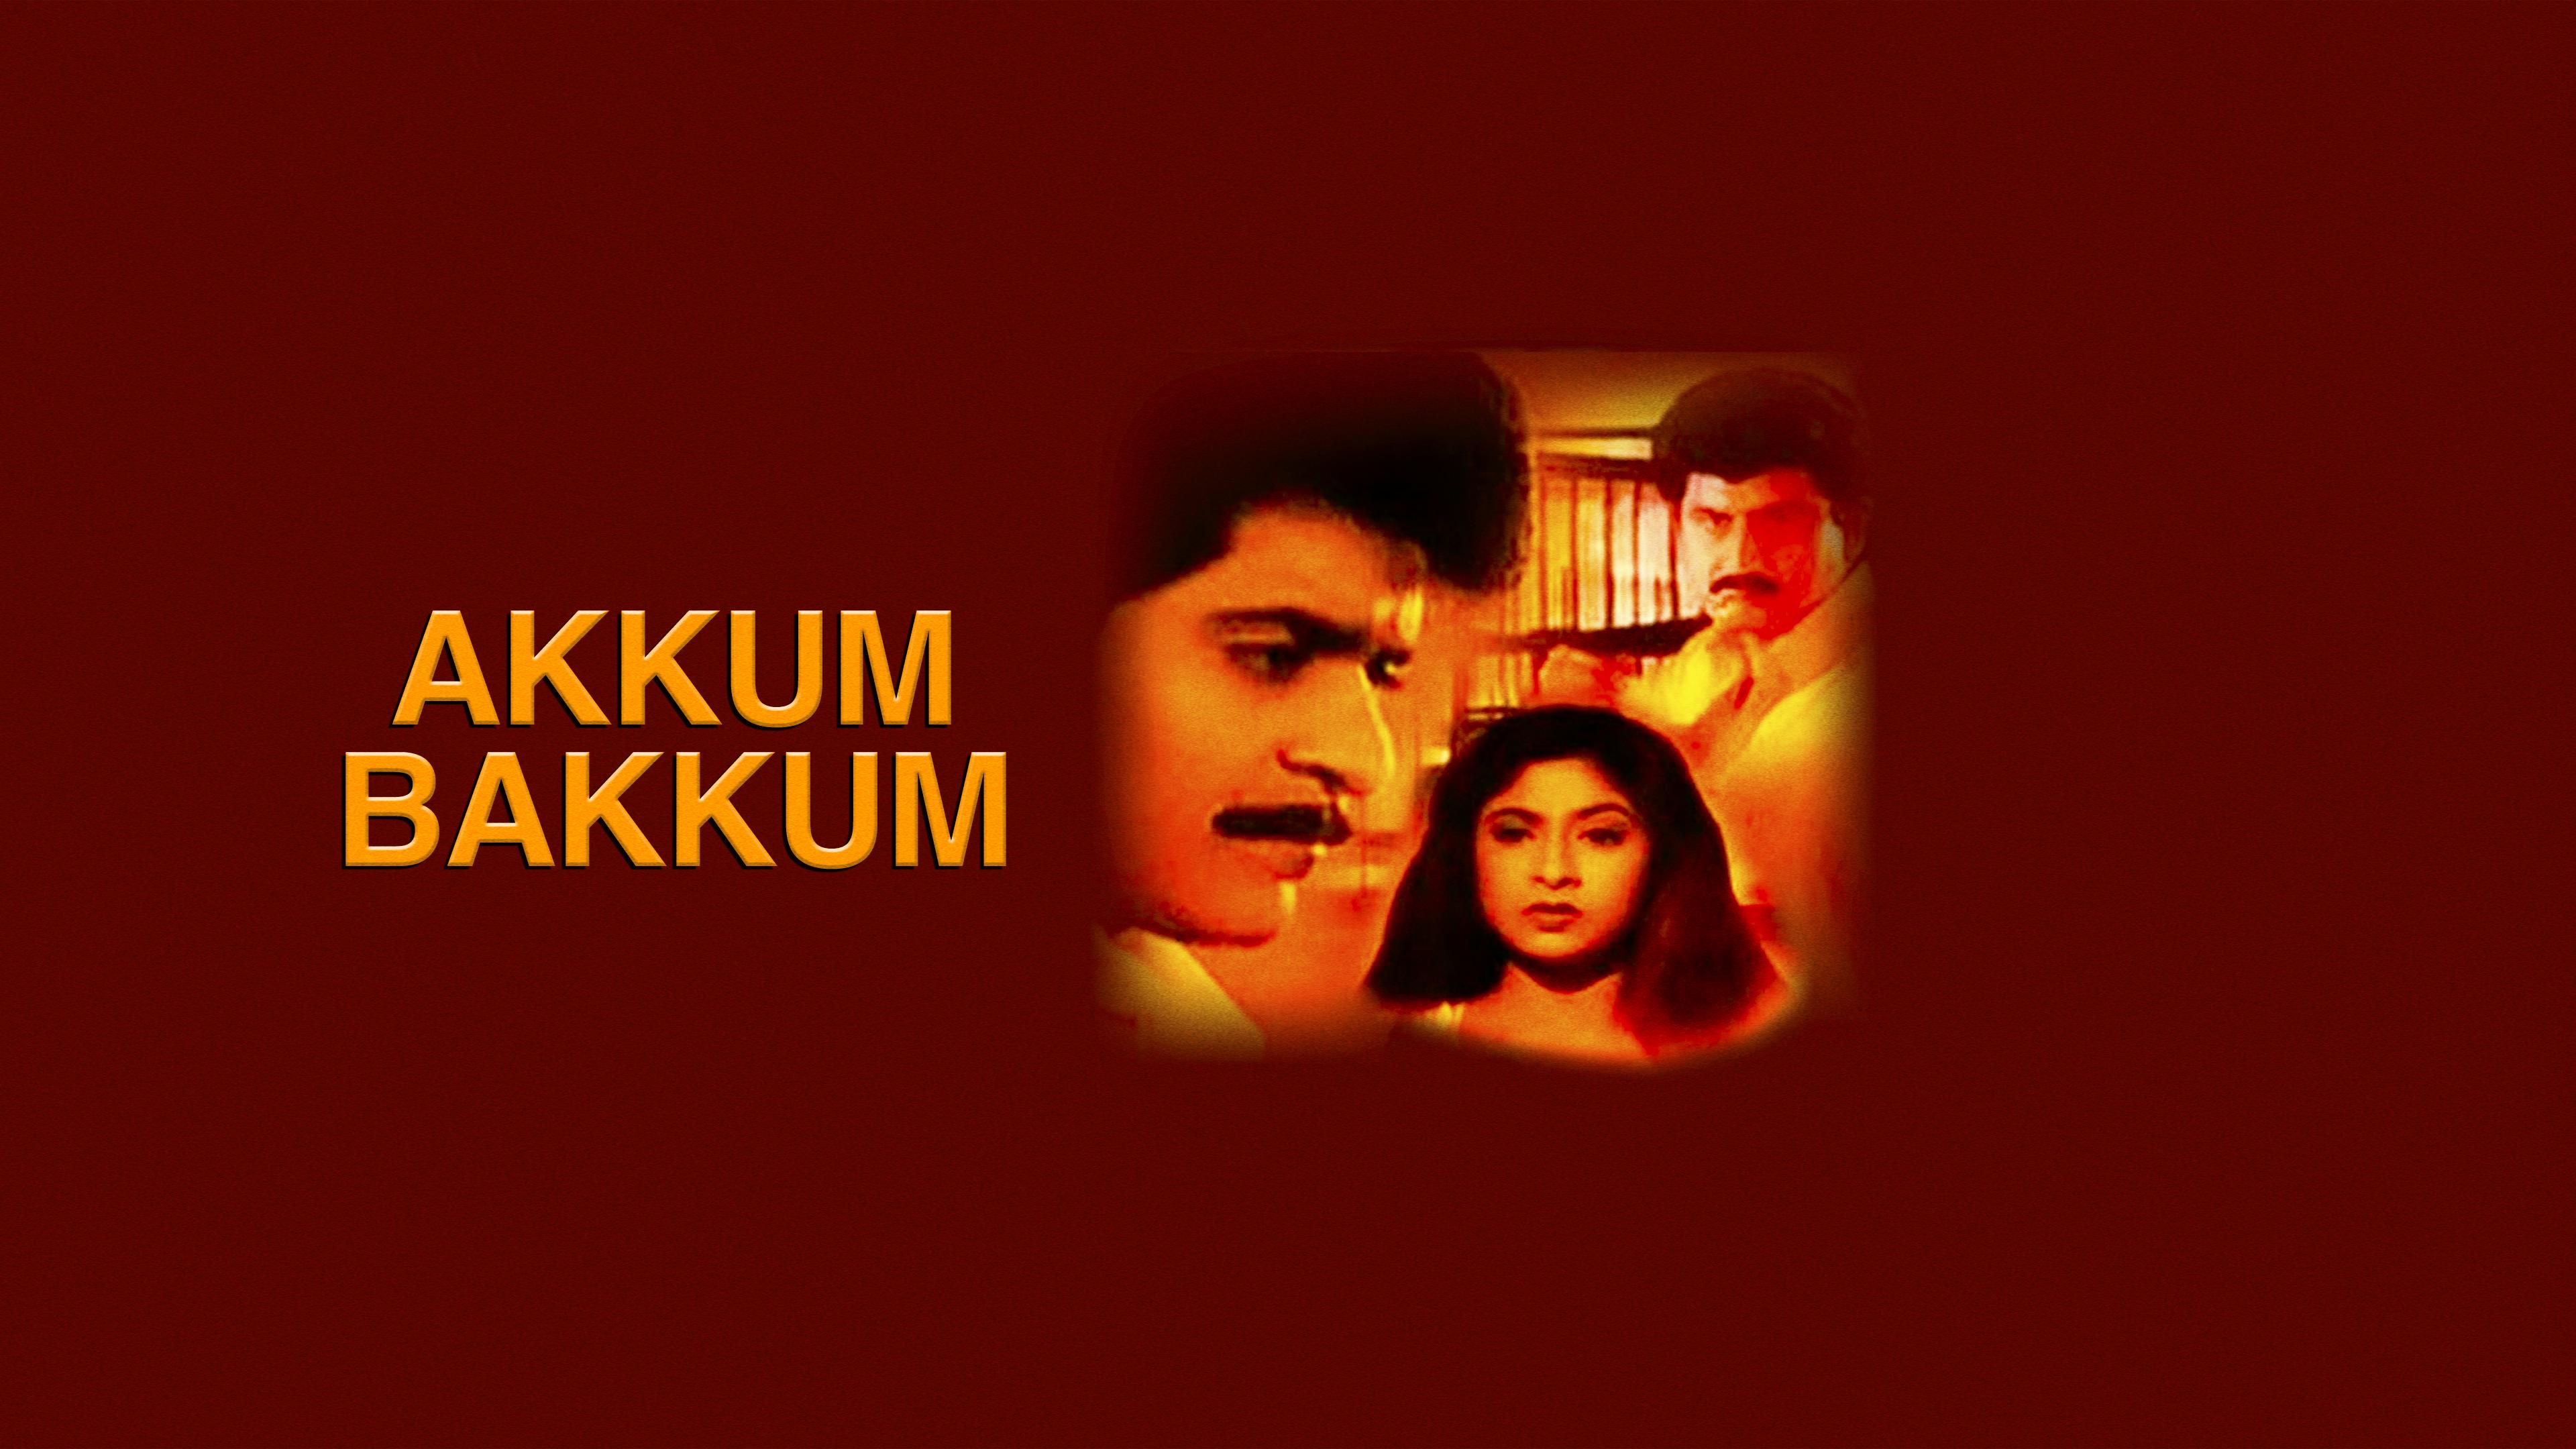 Watch Akkum Bakkum full movie Online - Eros Now